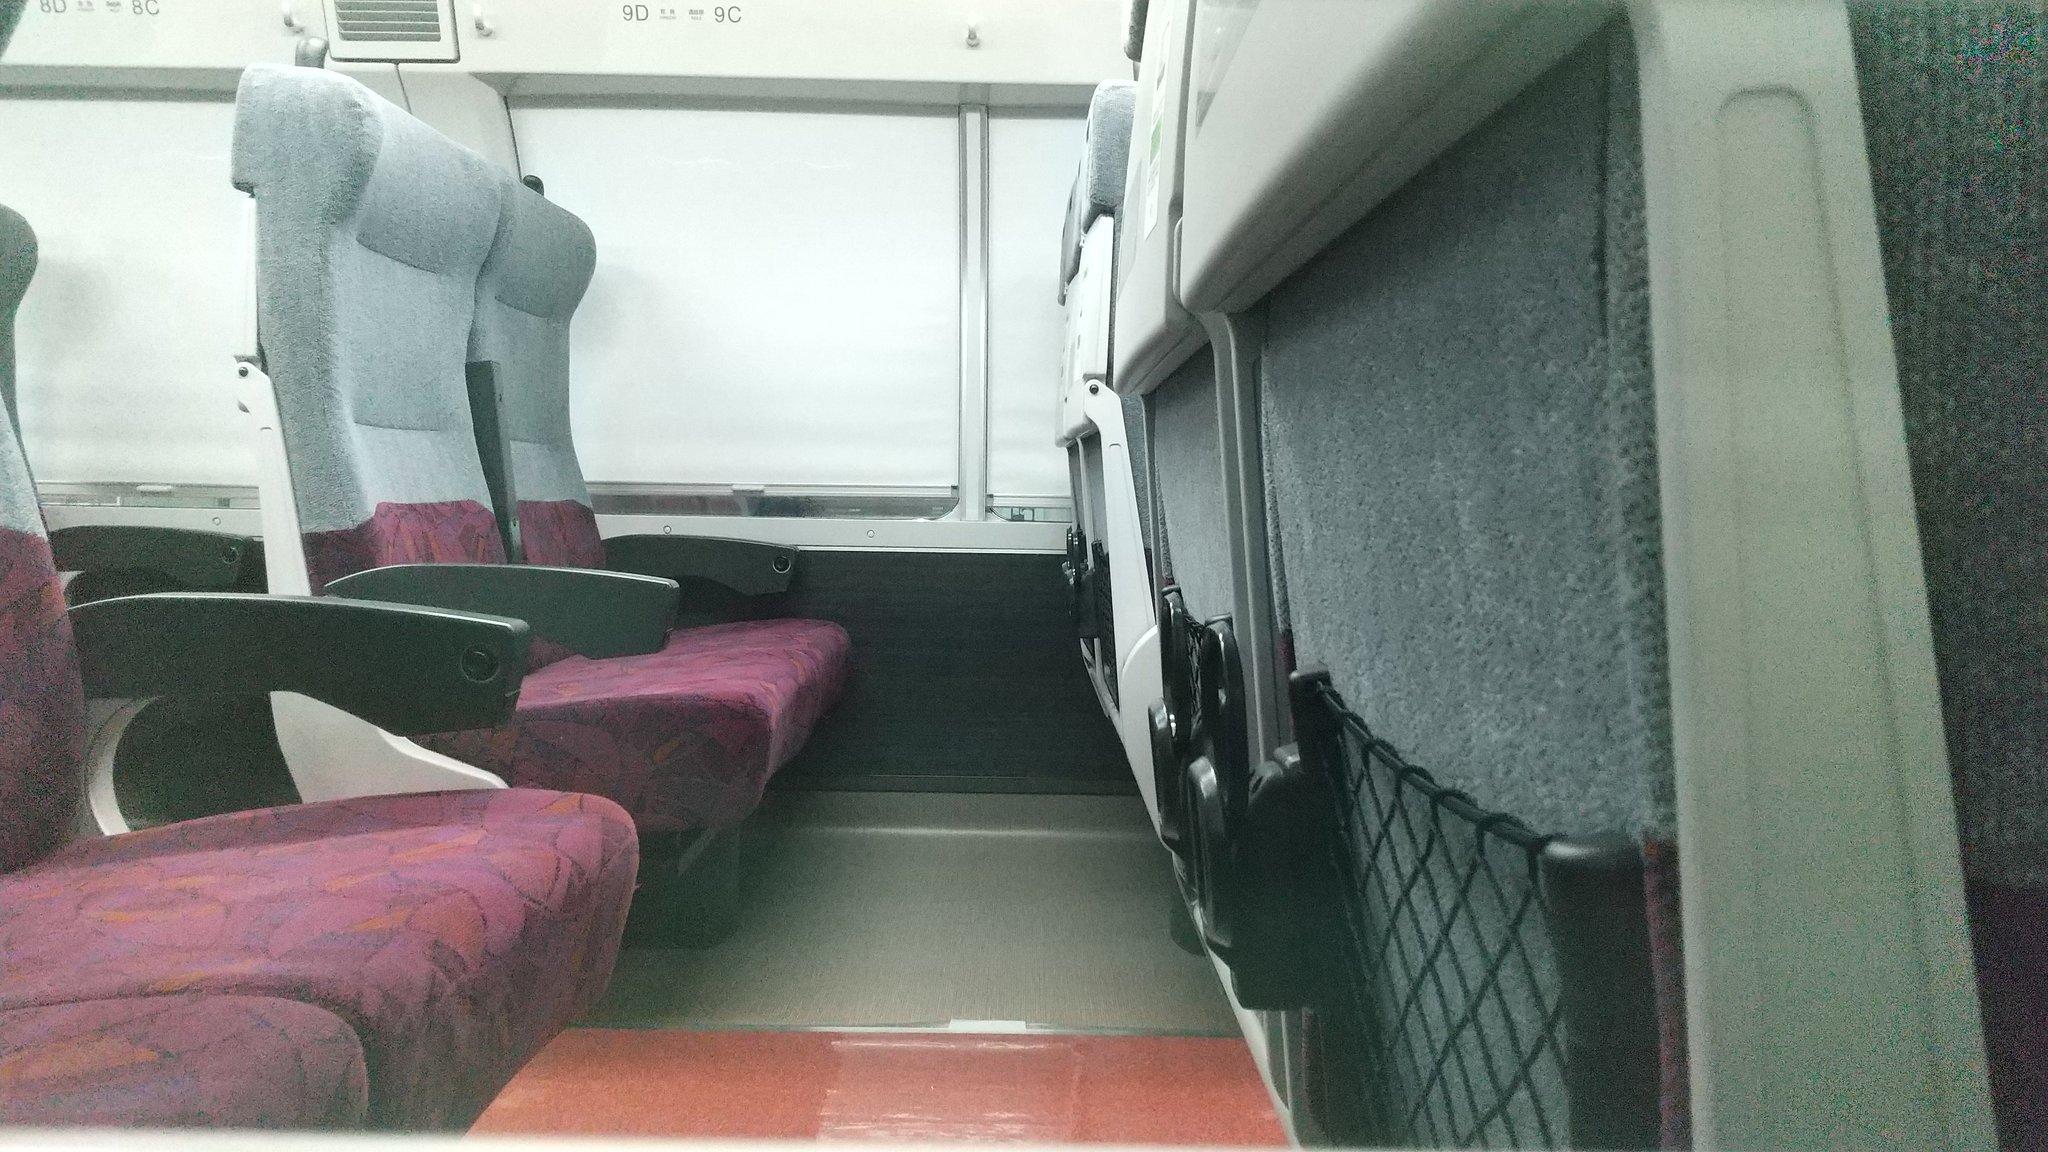 【横須賀・総武快速線】E235系1000番台のグリーン車の内部が明らかに 従来との違いは?